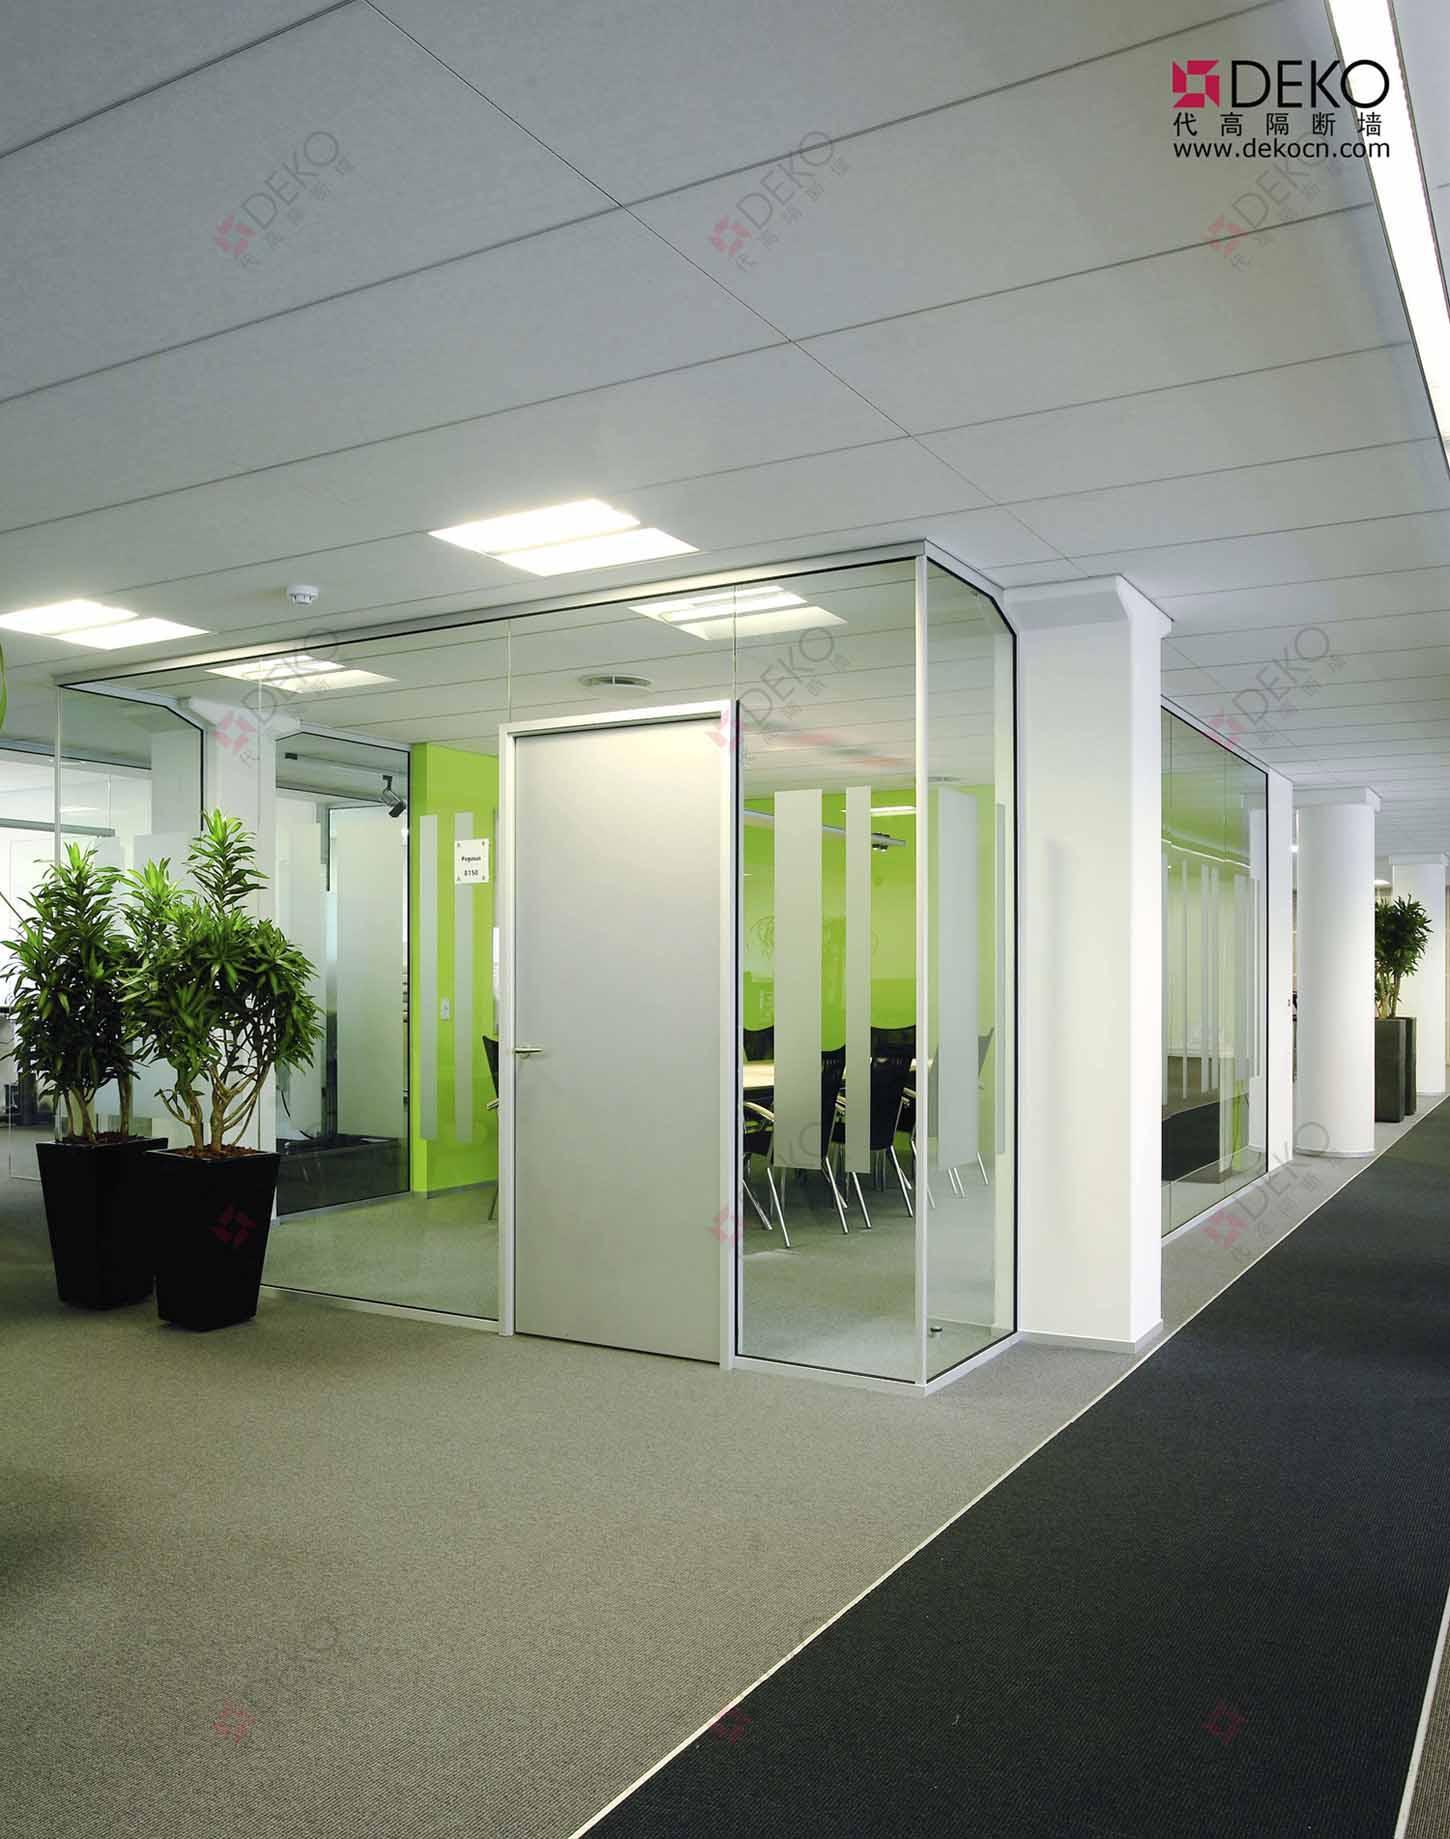 代高办公玻璃隔断墙